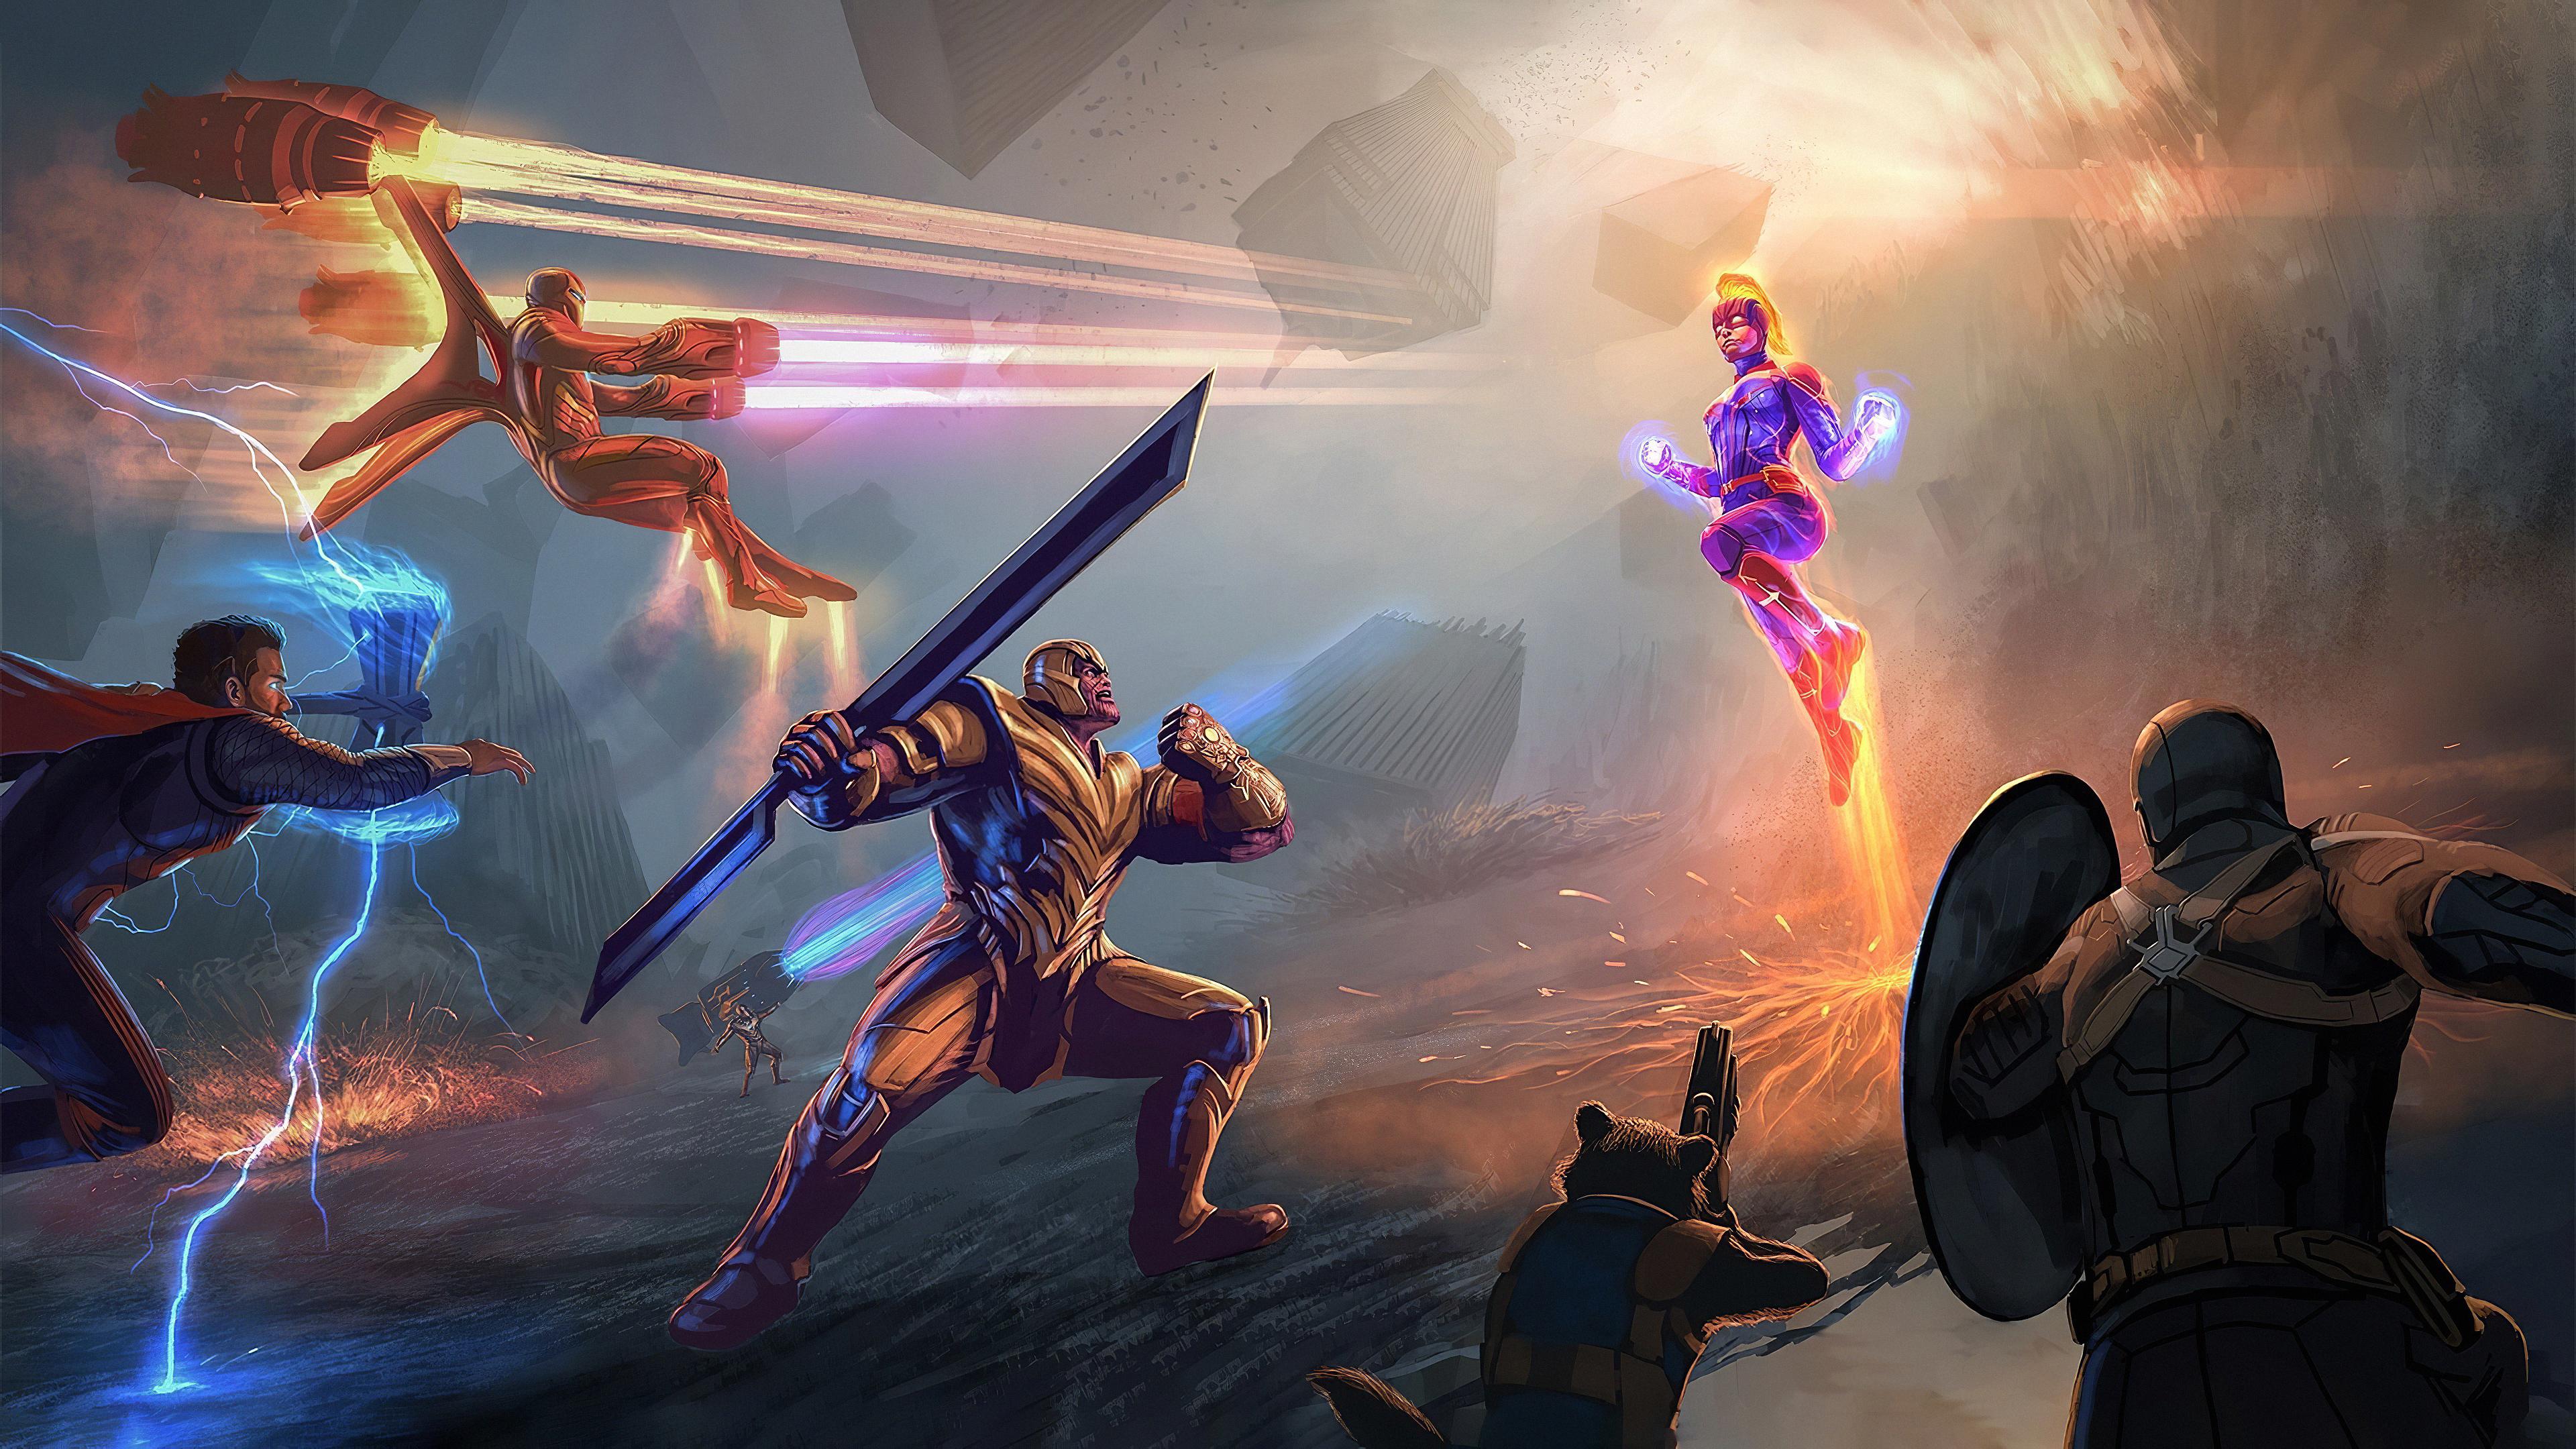 avengers endgame new 1572368613 - Avengers Endgame New - superheroes wallpapers, hd-wallpapers, avengers endgame wallpapers, artwork wallpapers, 4k-wallpapers